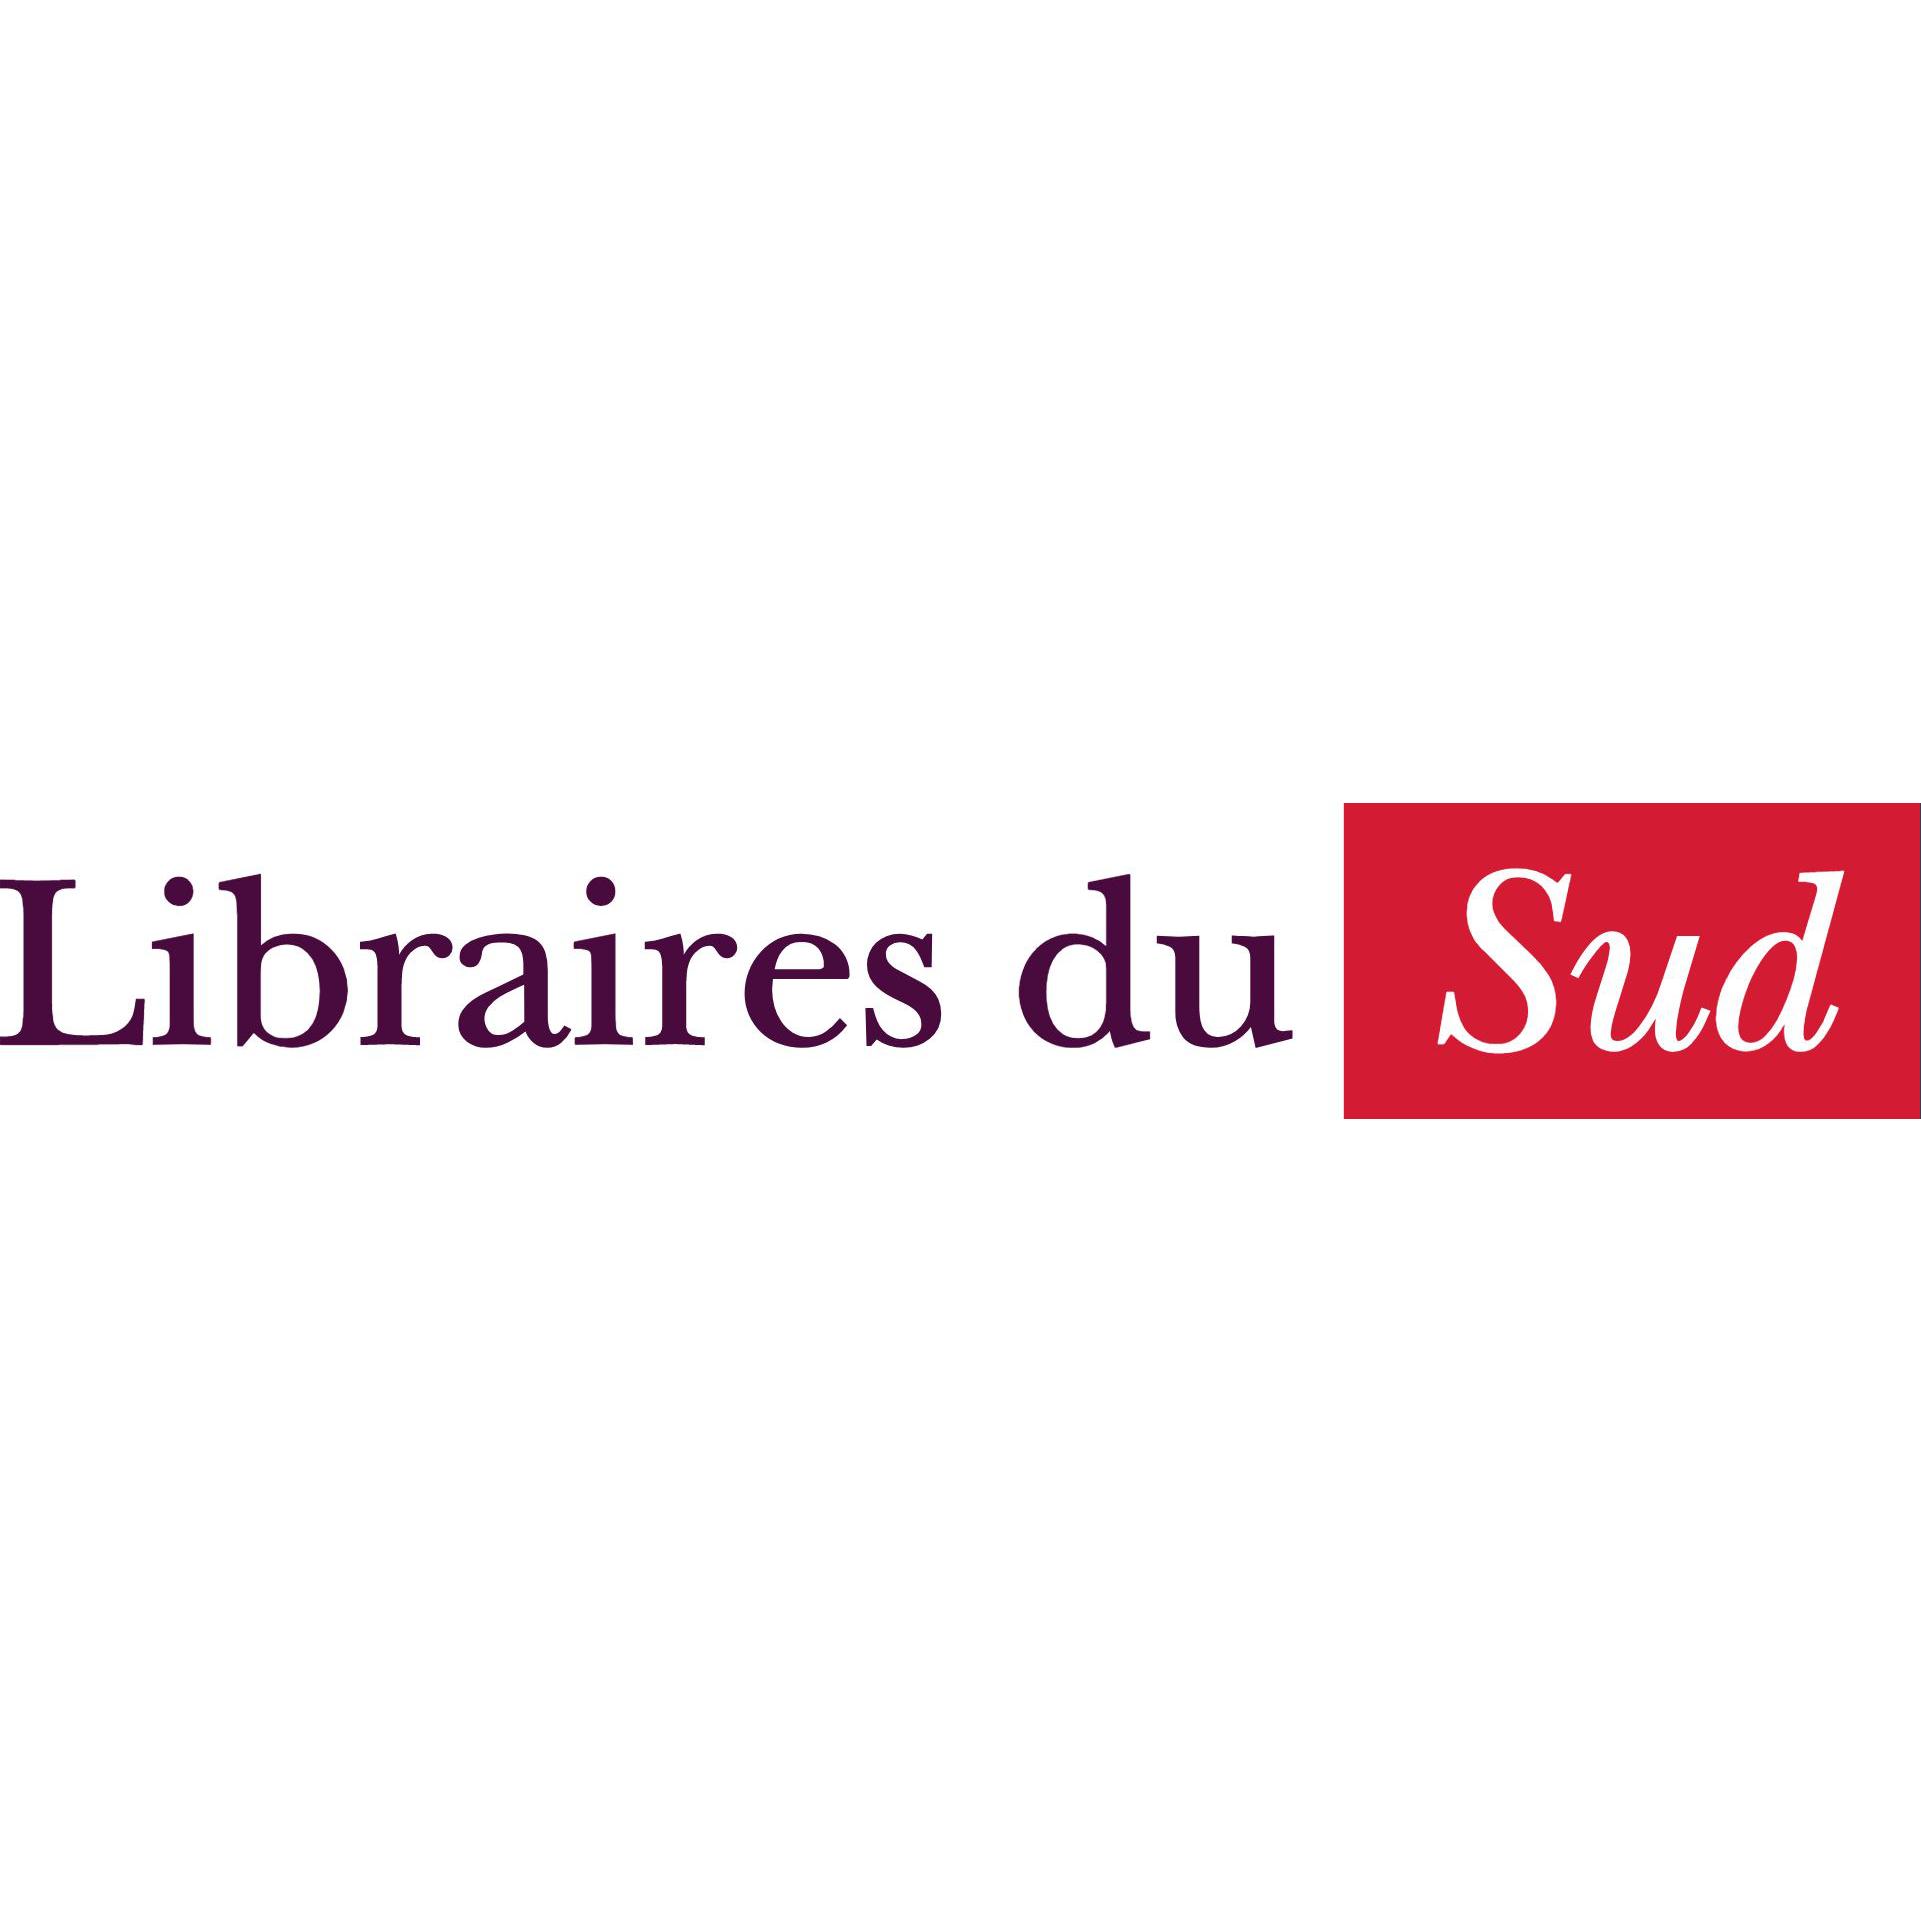 lib_sud_logo